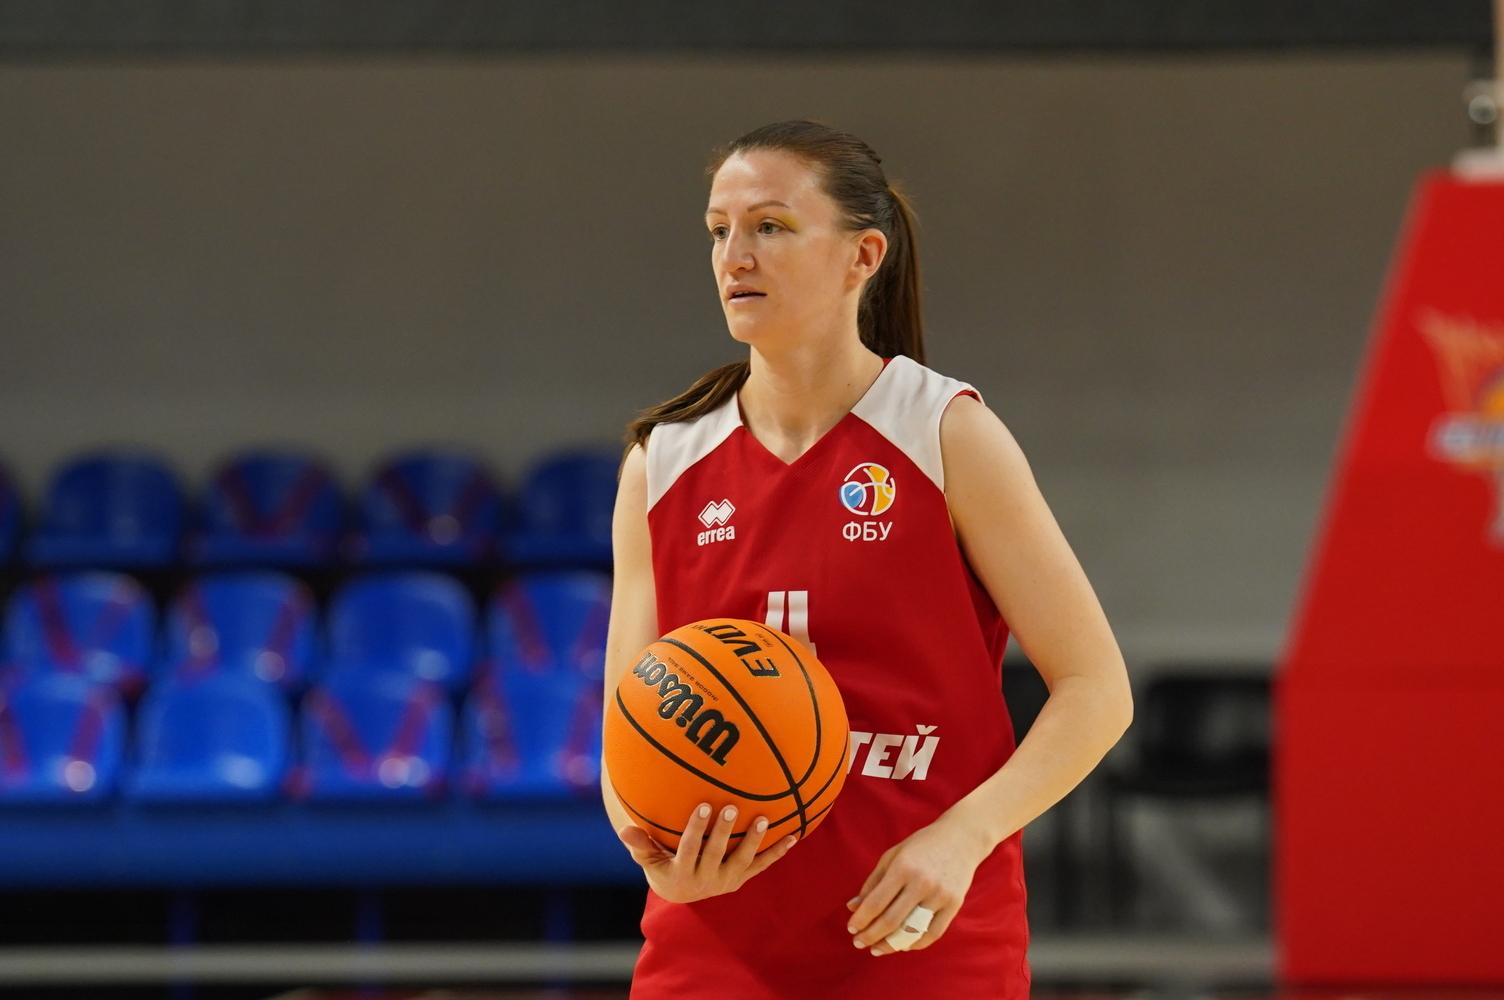 Ольга Дубровіна: своєю формою задоволена відсотків на 60